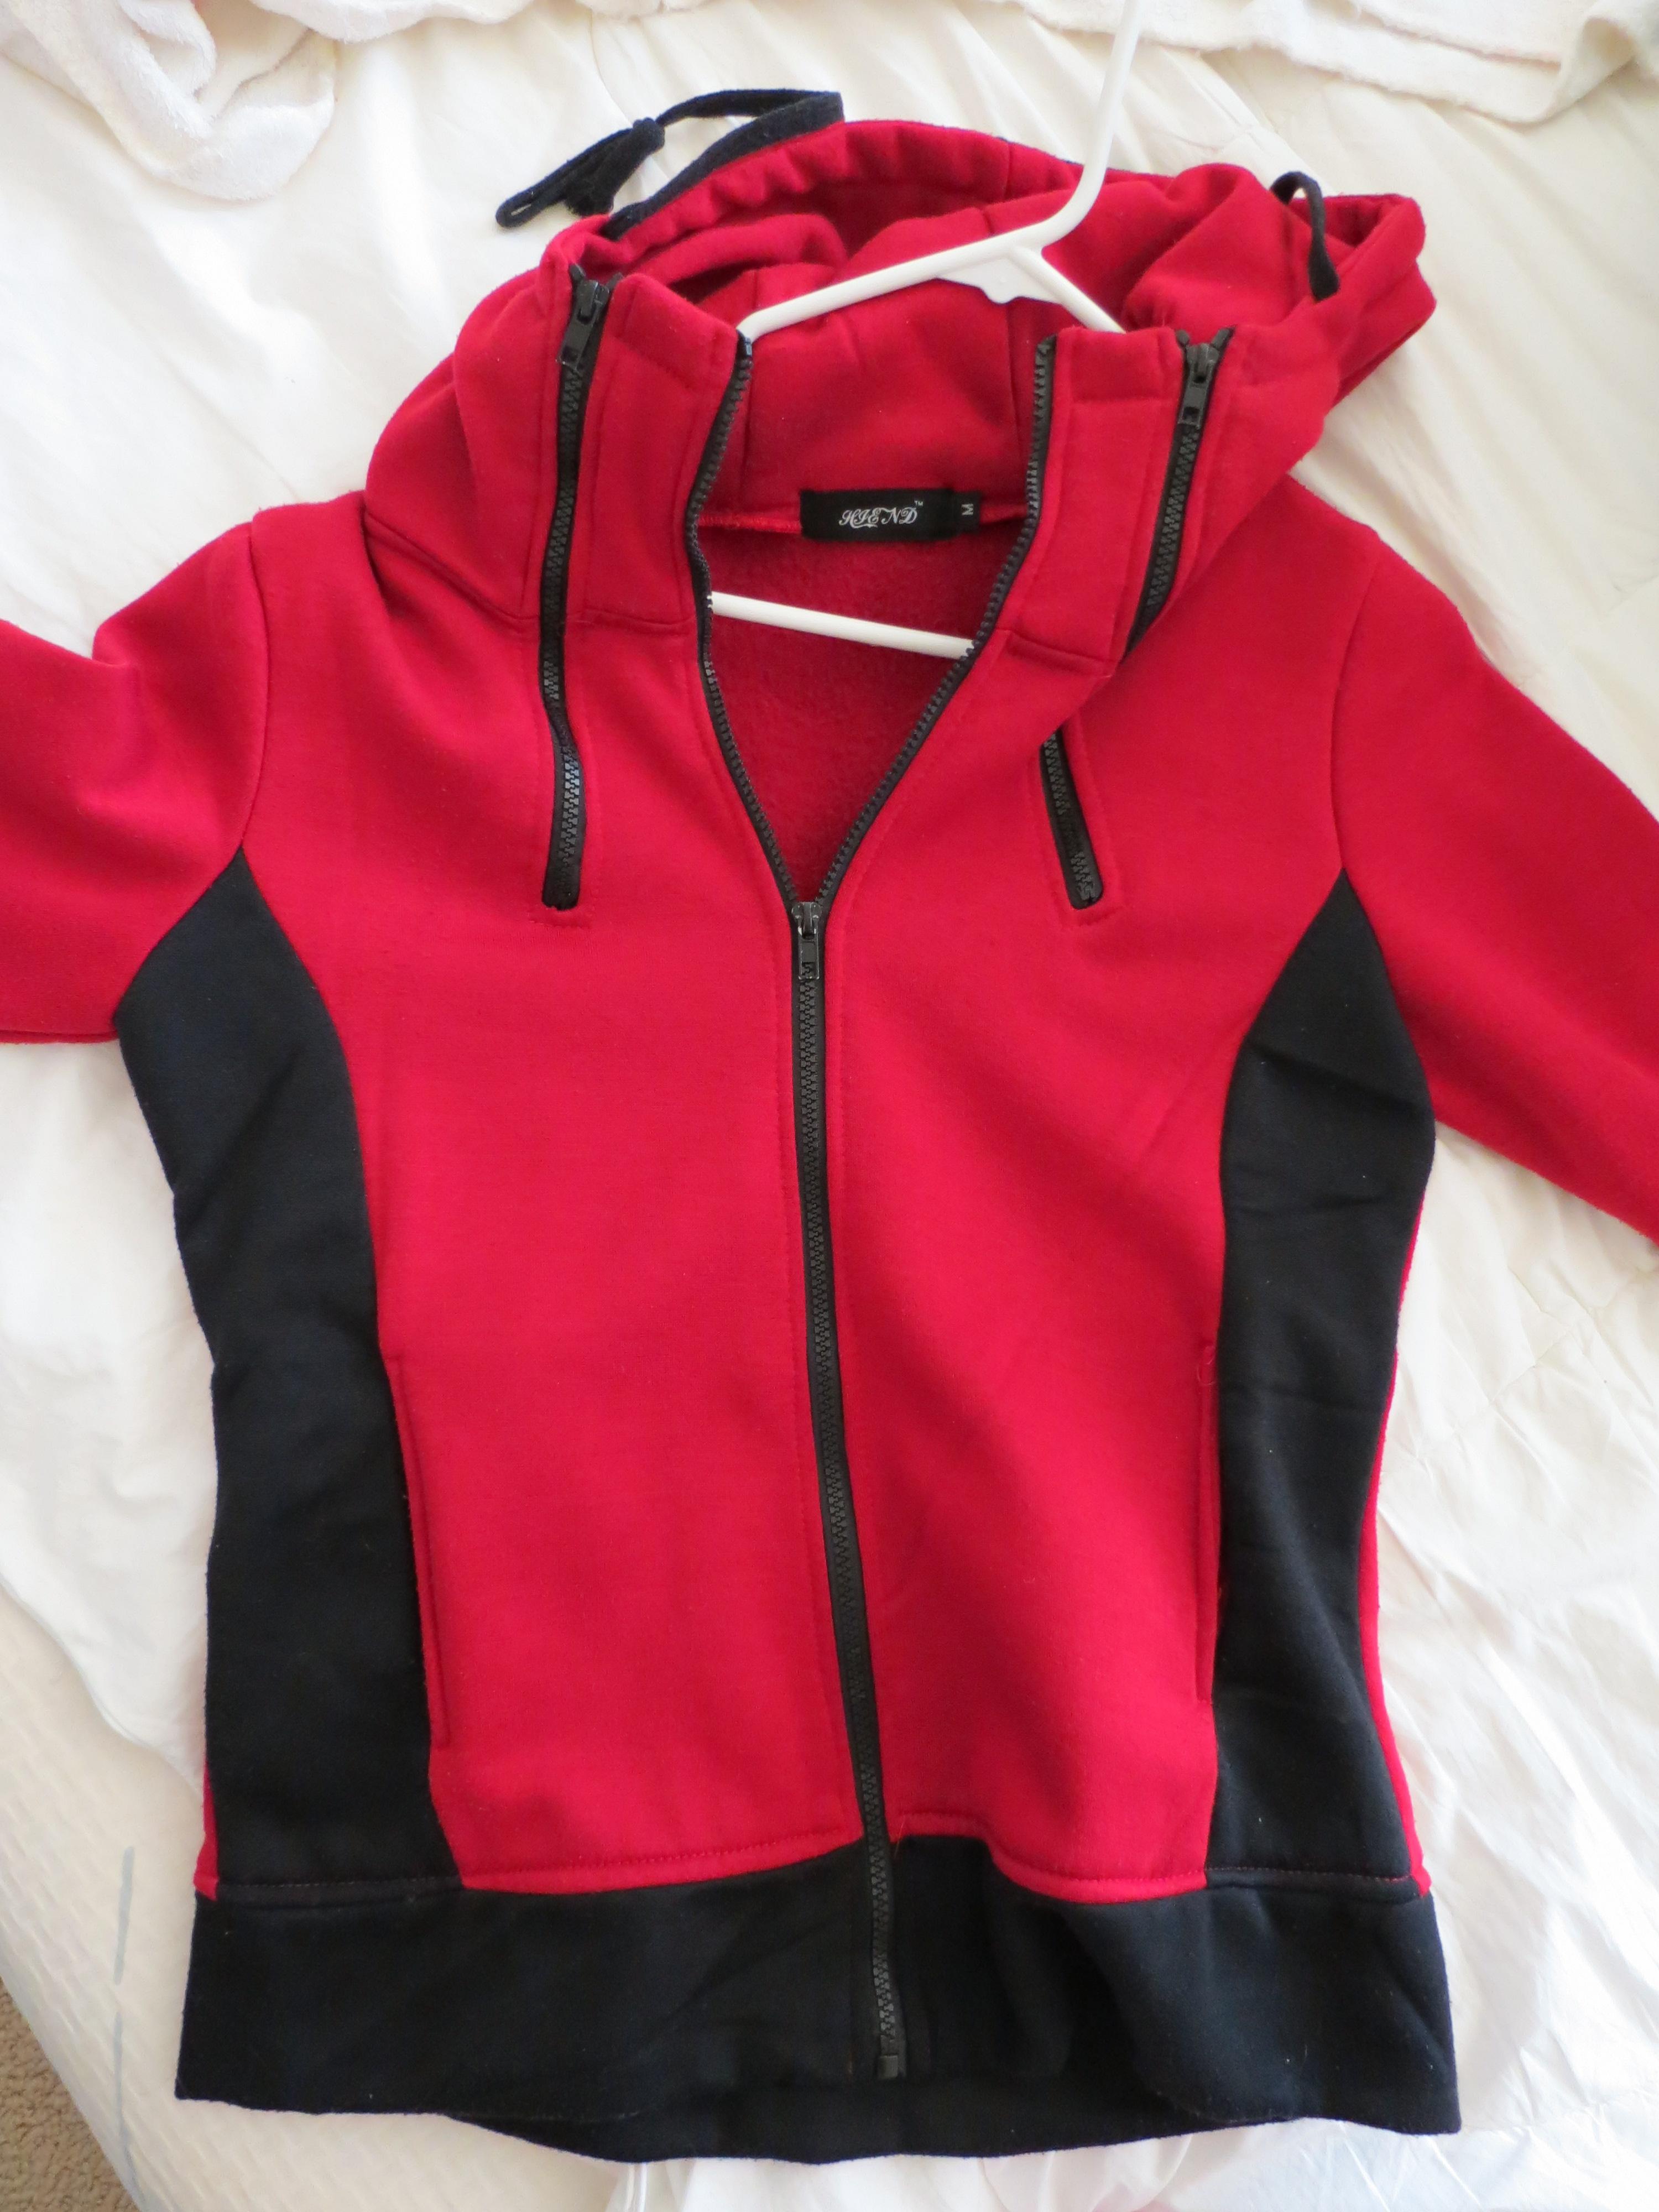 Red and black hoodie zip up